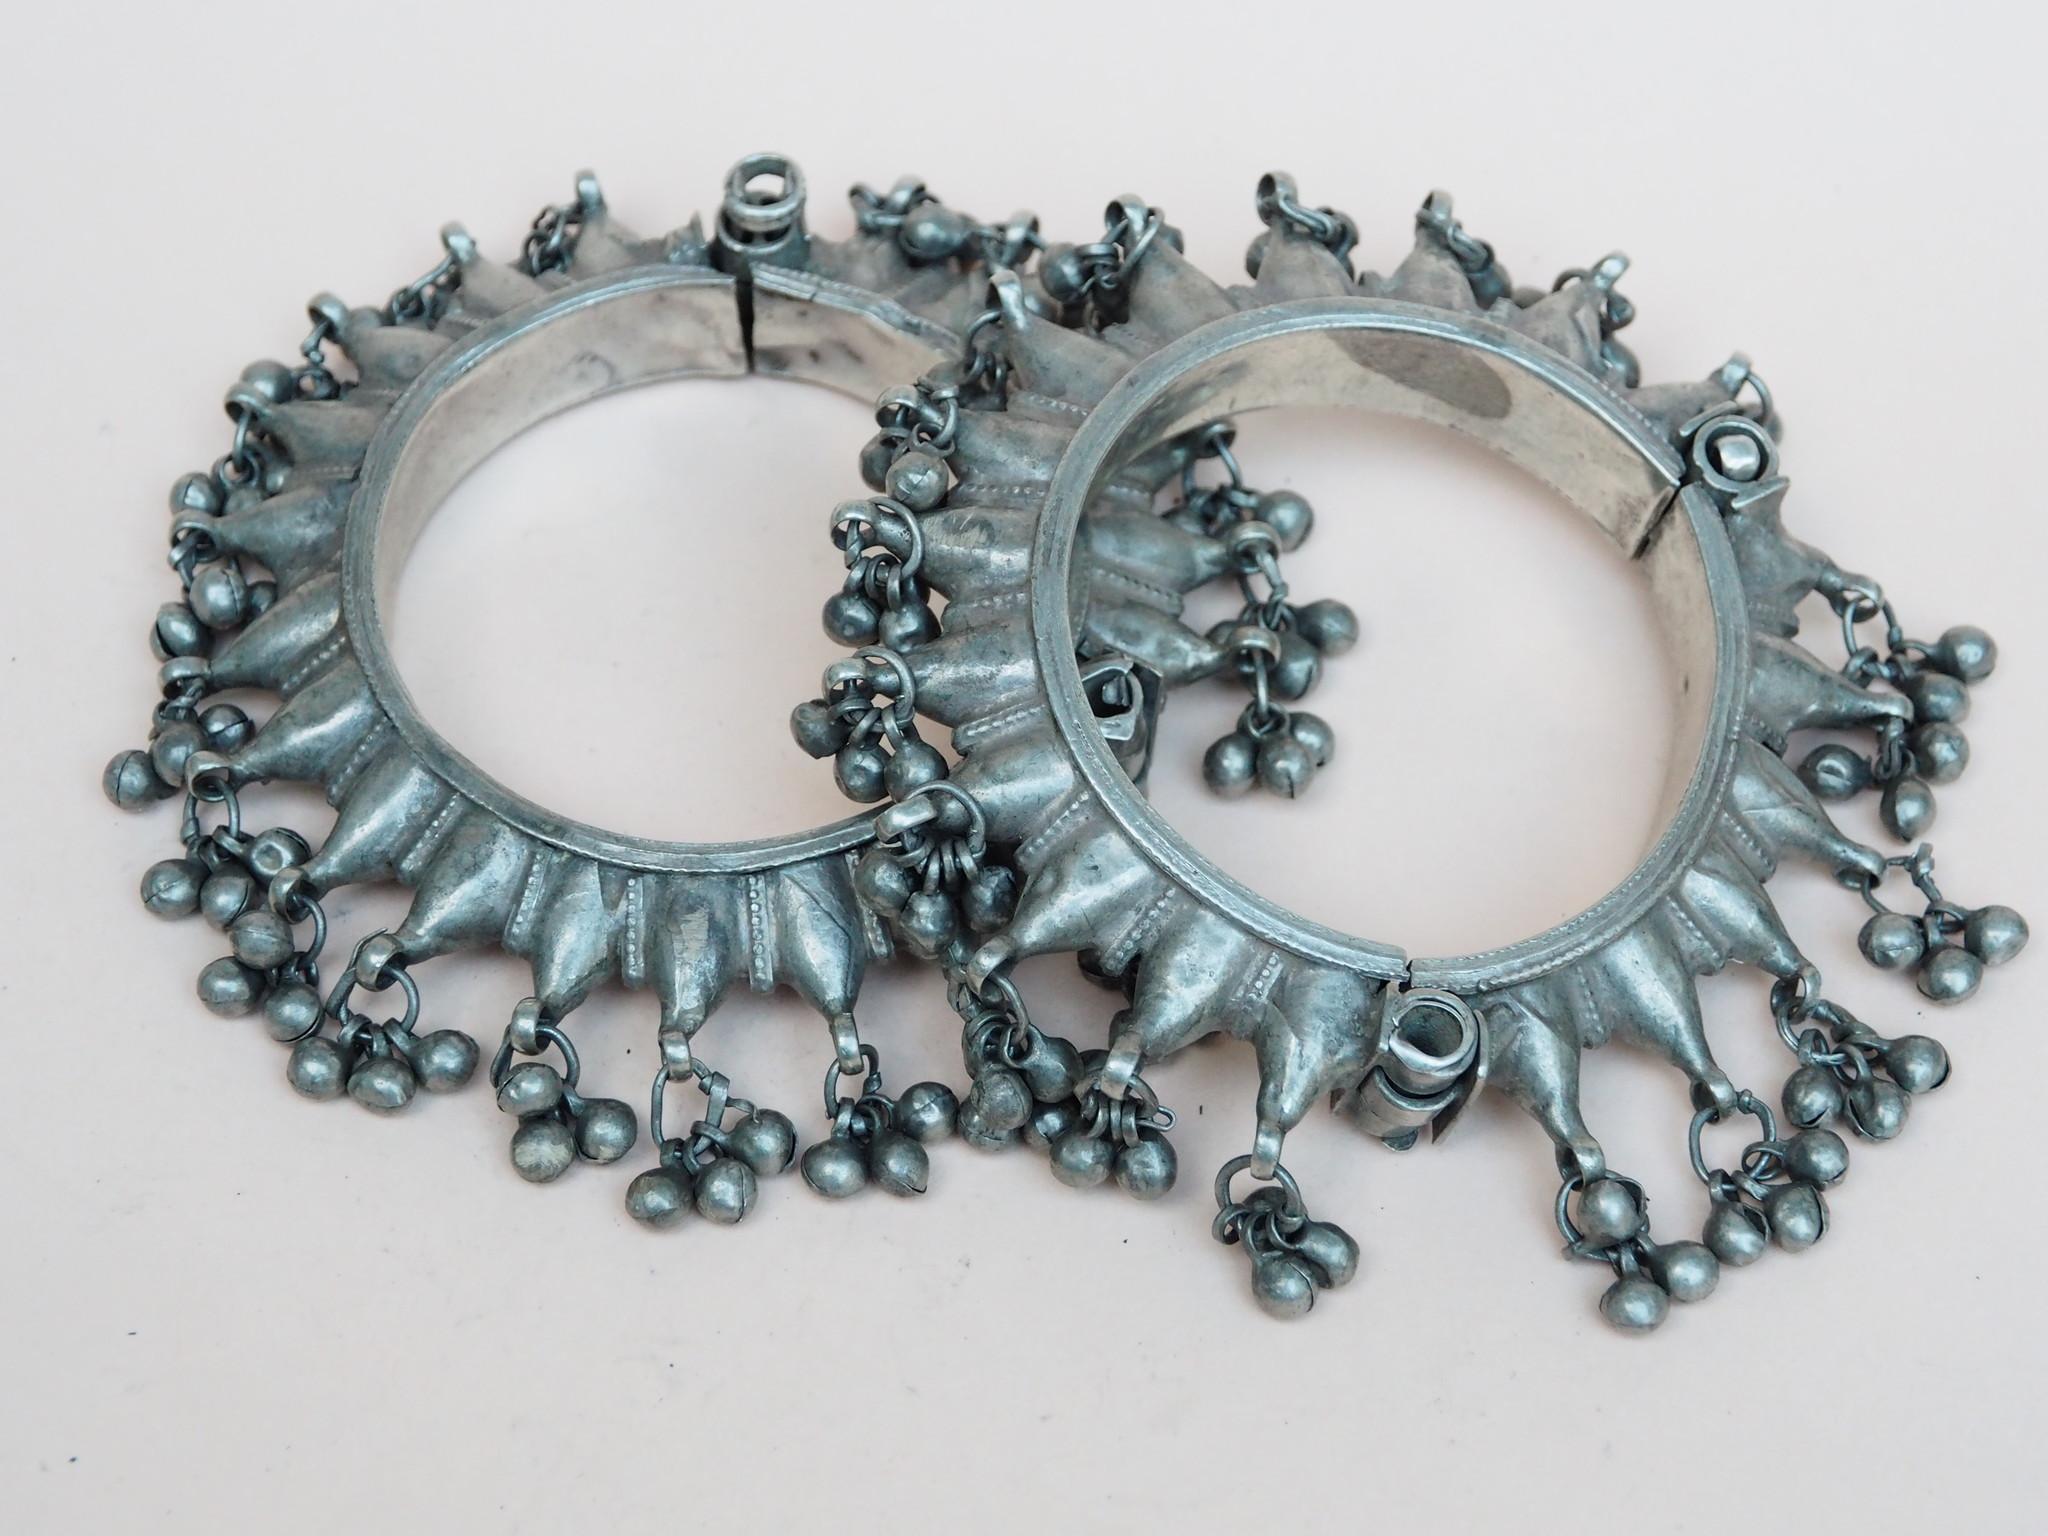 Ein Paar außergewöhnliche antike Silber armreifen armbänder aus Sindh, Pakistan oder Gujarat Indien Glöckchen verziert Nr:WL